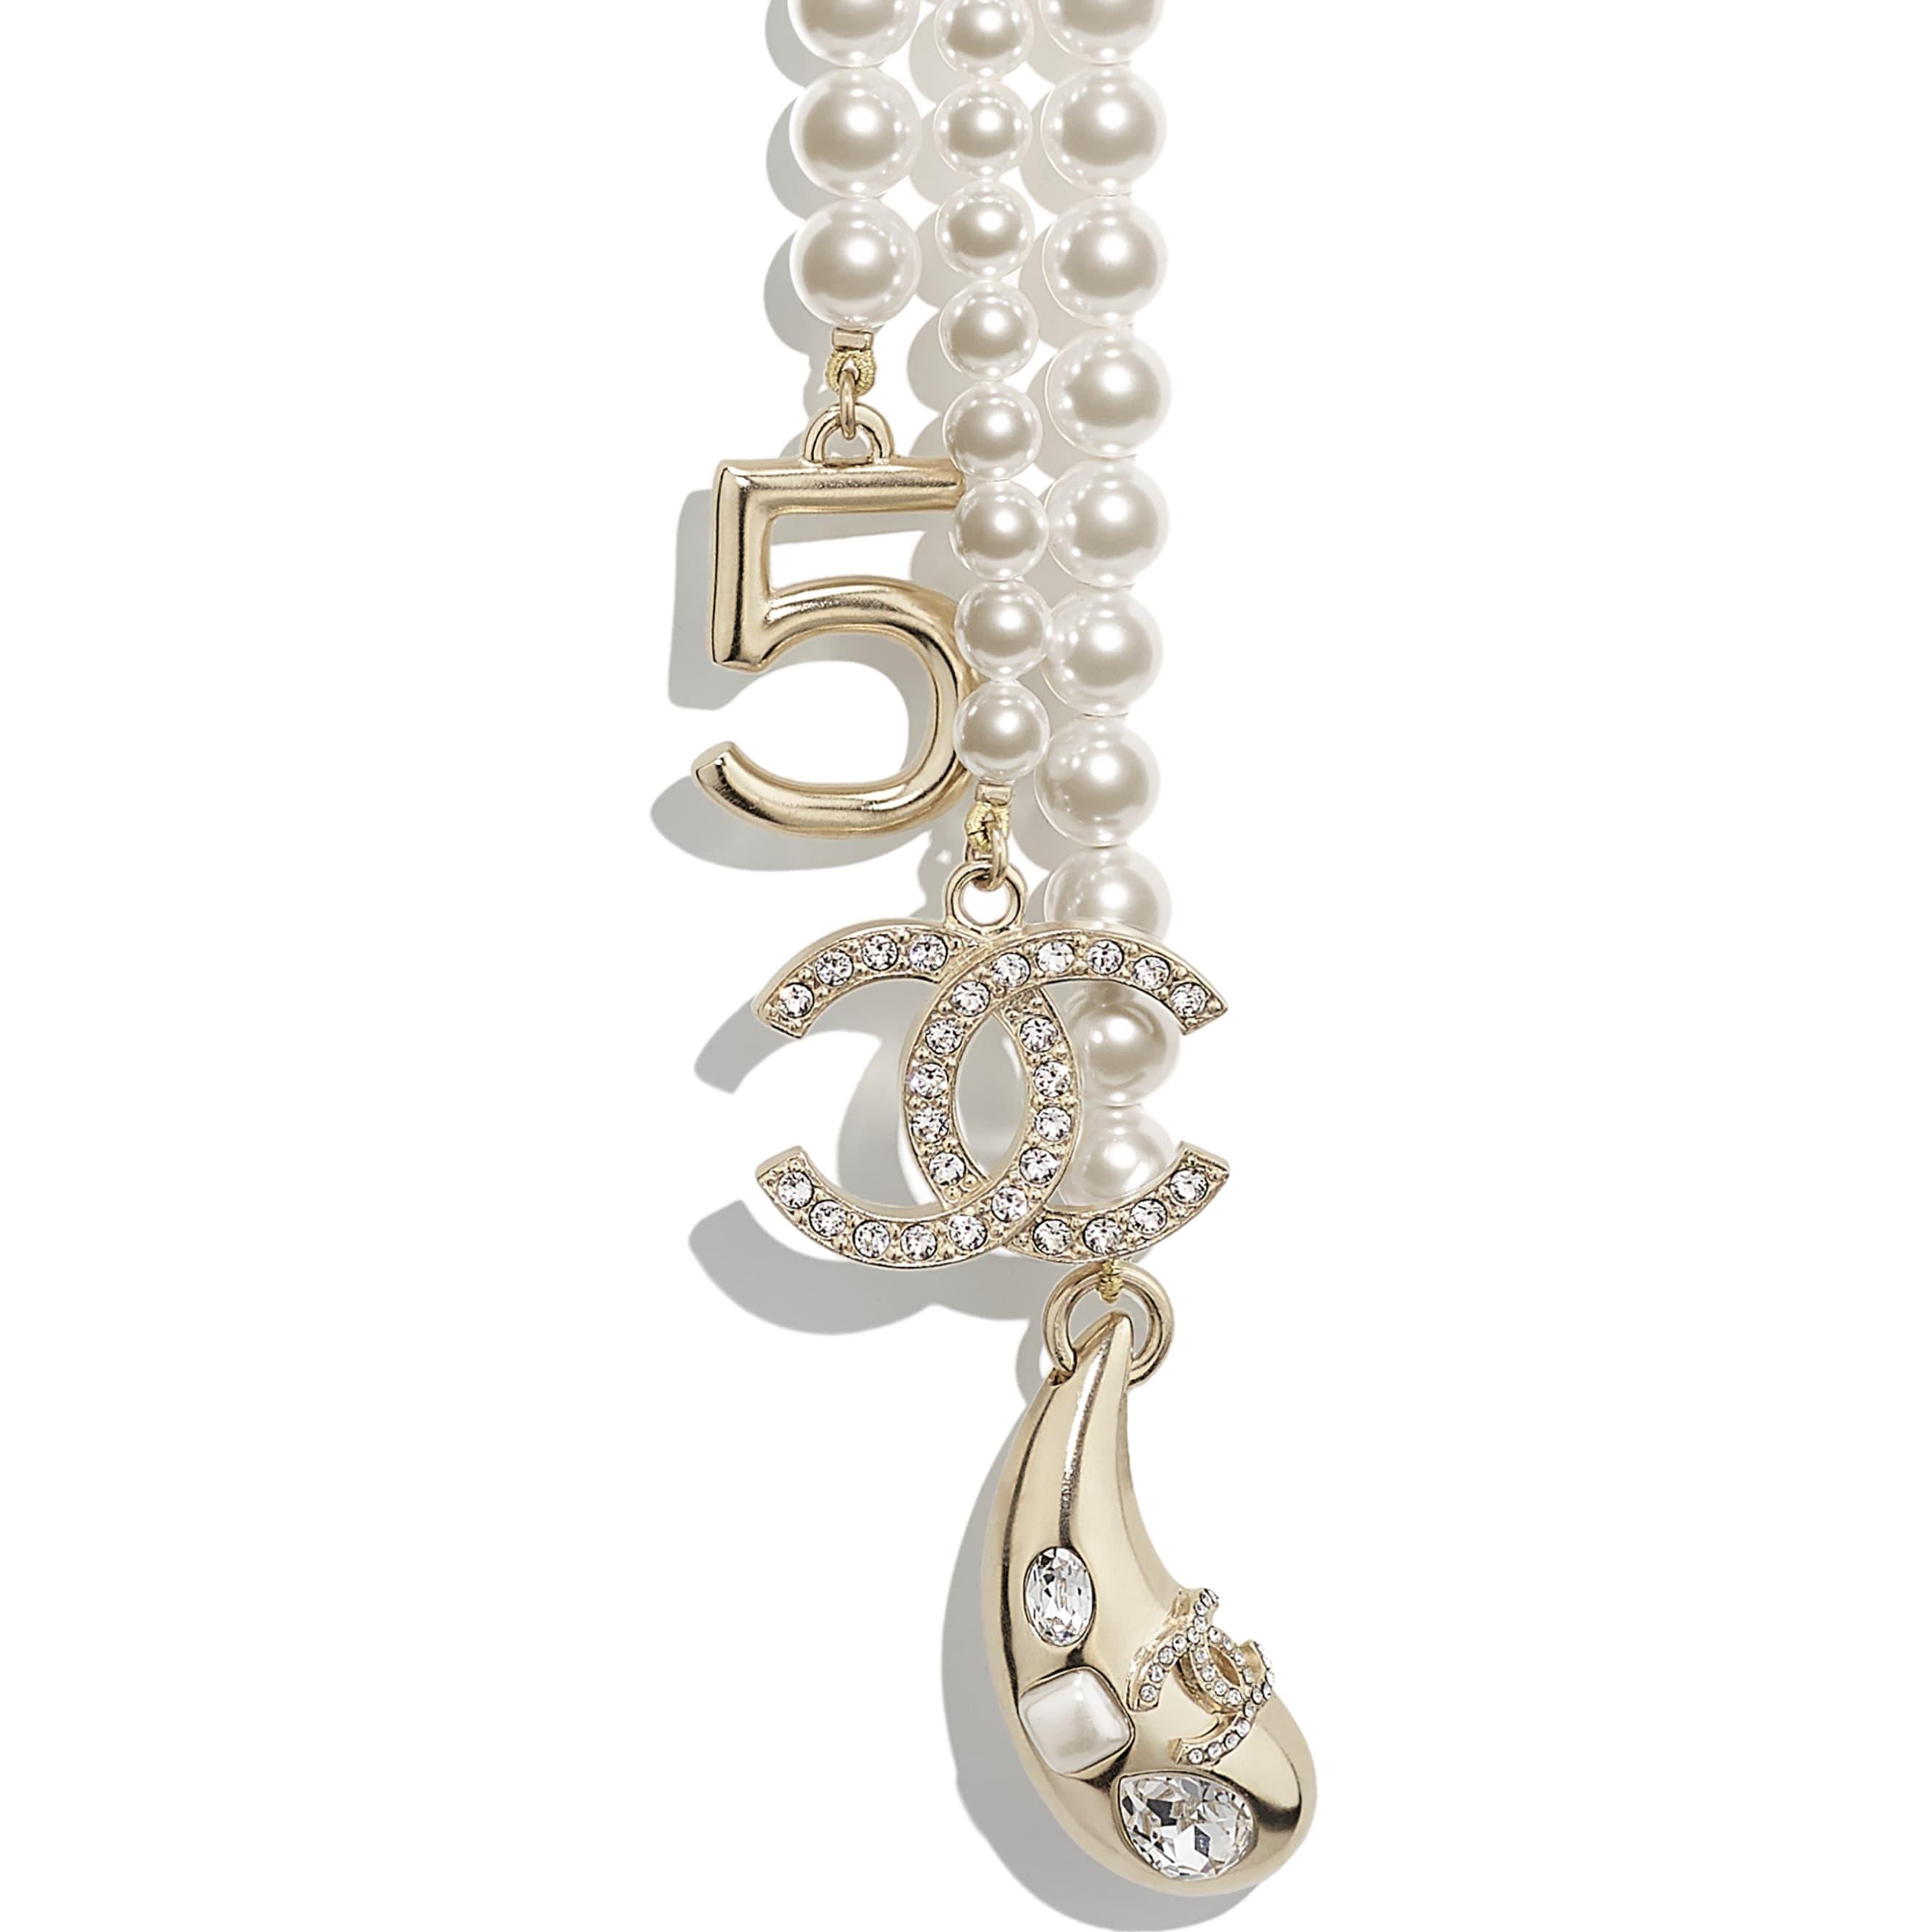 Naszyjnik - Kolor złoty, perłowobiały i krystaliczny - Metal, szklane perły, szkło i stras - CHANEL - Inny widok – zobacz w standardowym rozmiarze